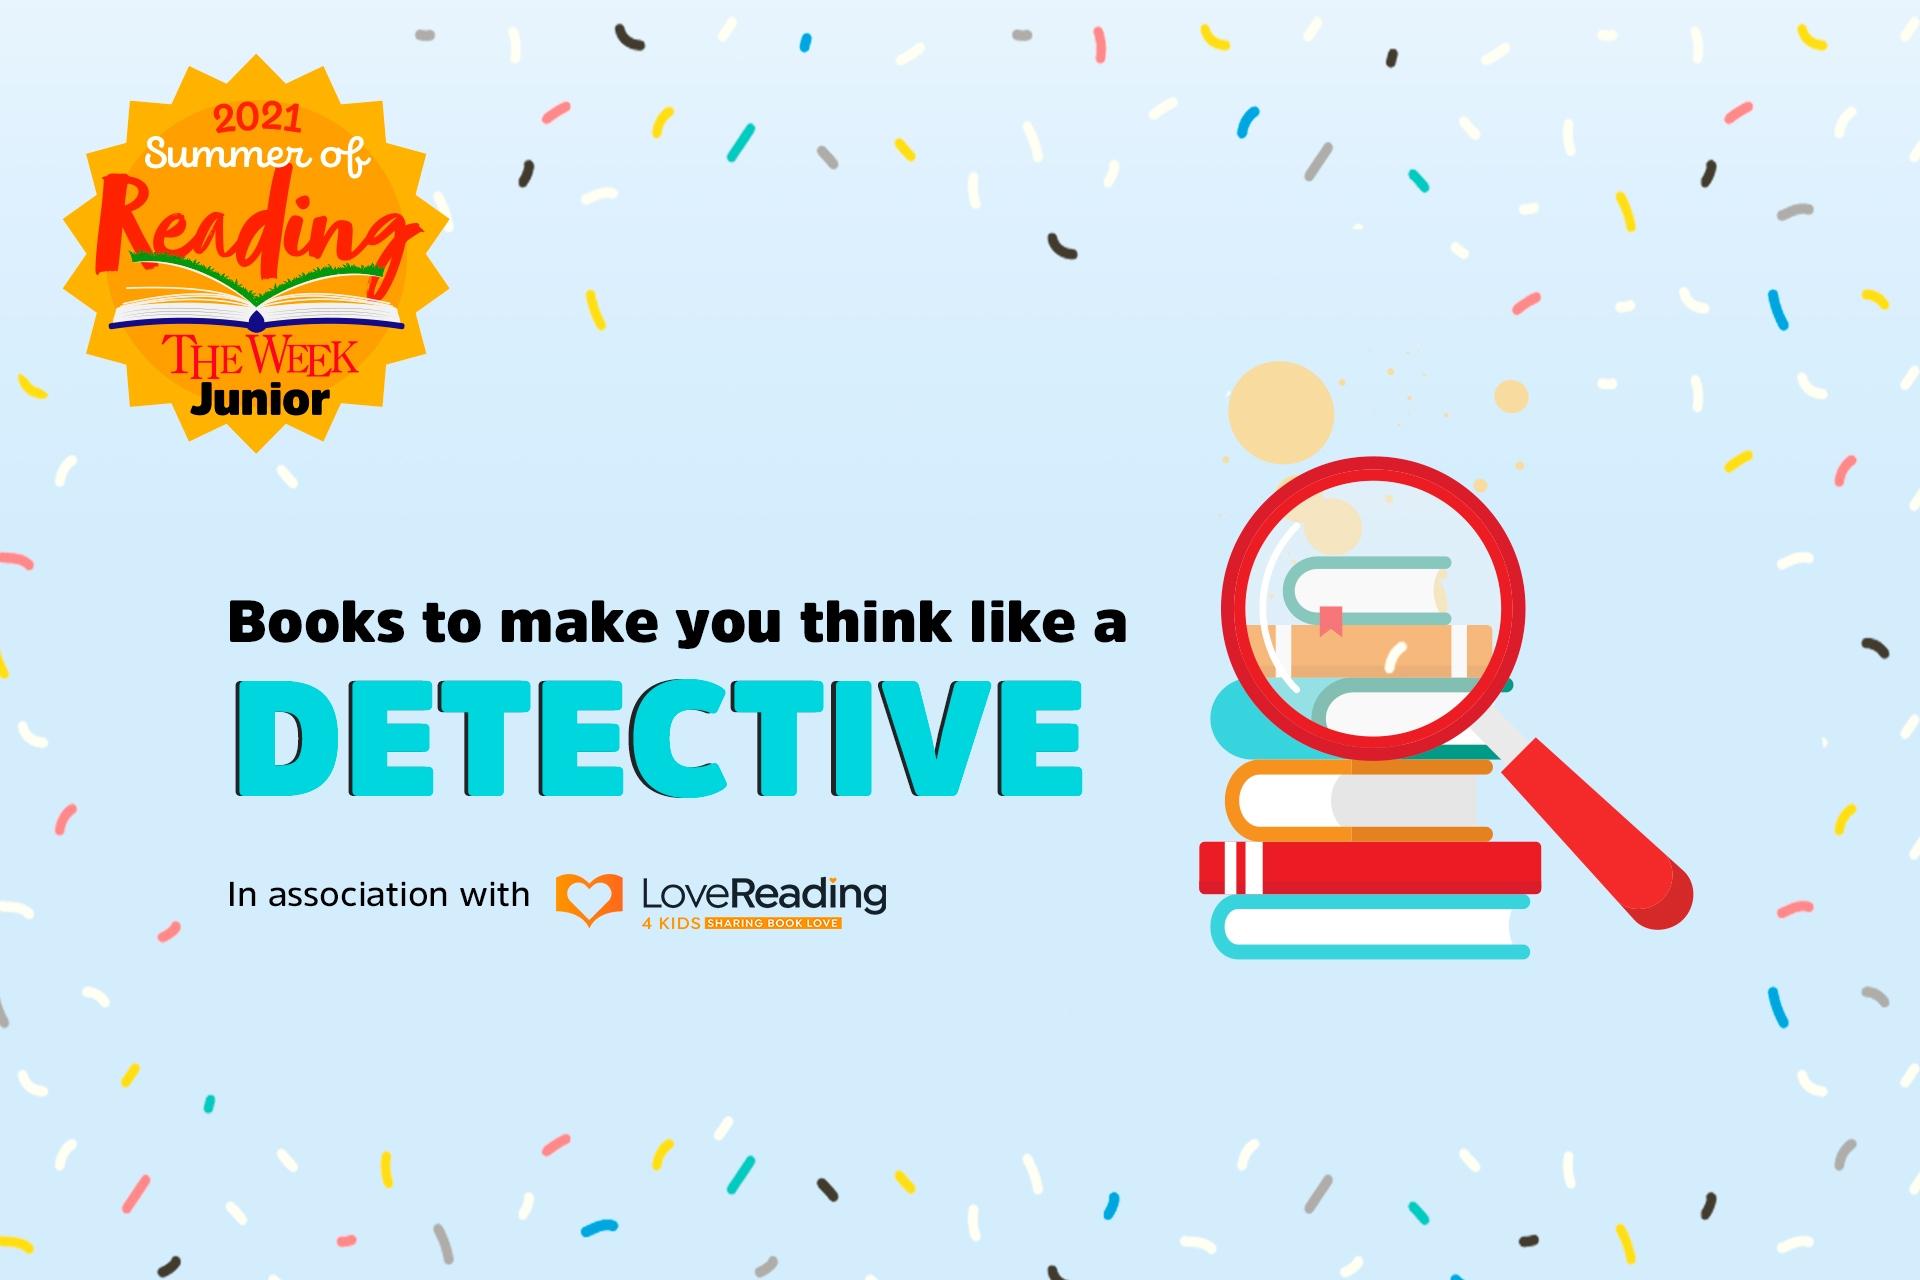 Books to make you think like a detective